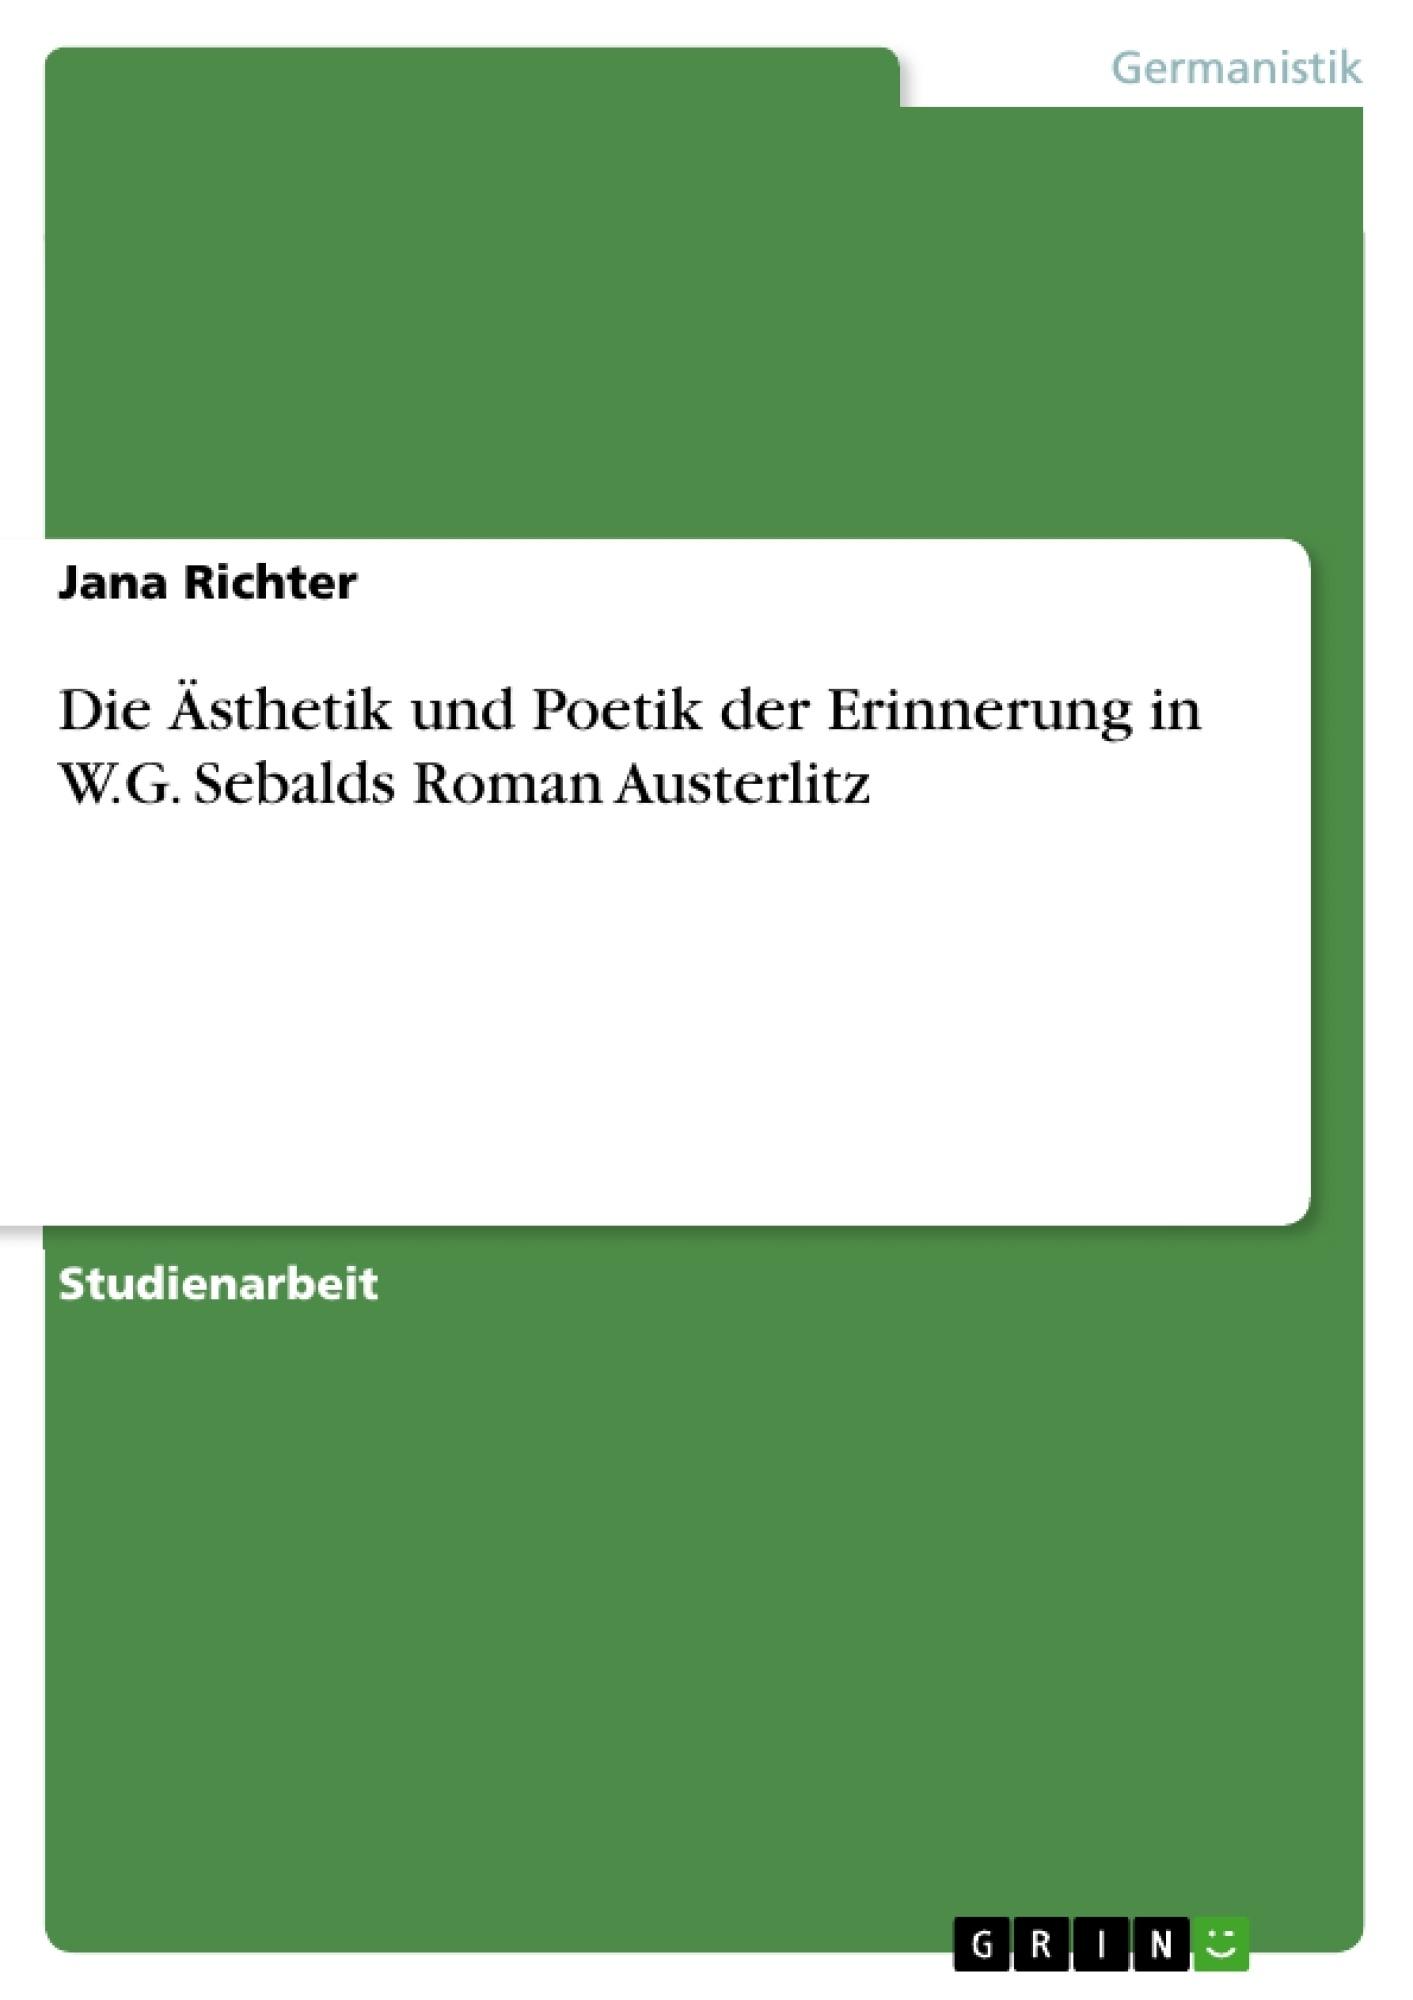 Titel: Die Ästhetik und Poetik der Erinnerung in W.G. Sebalds Roman Austerlitz